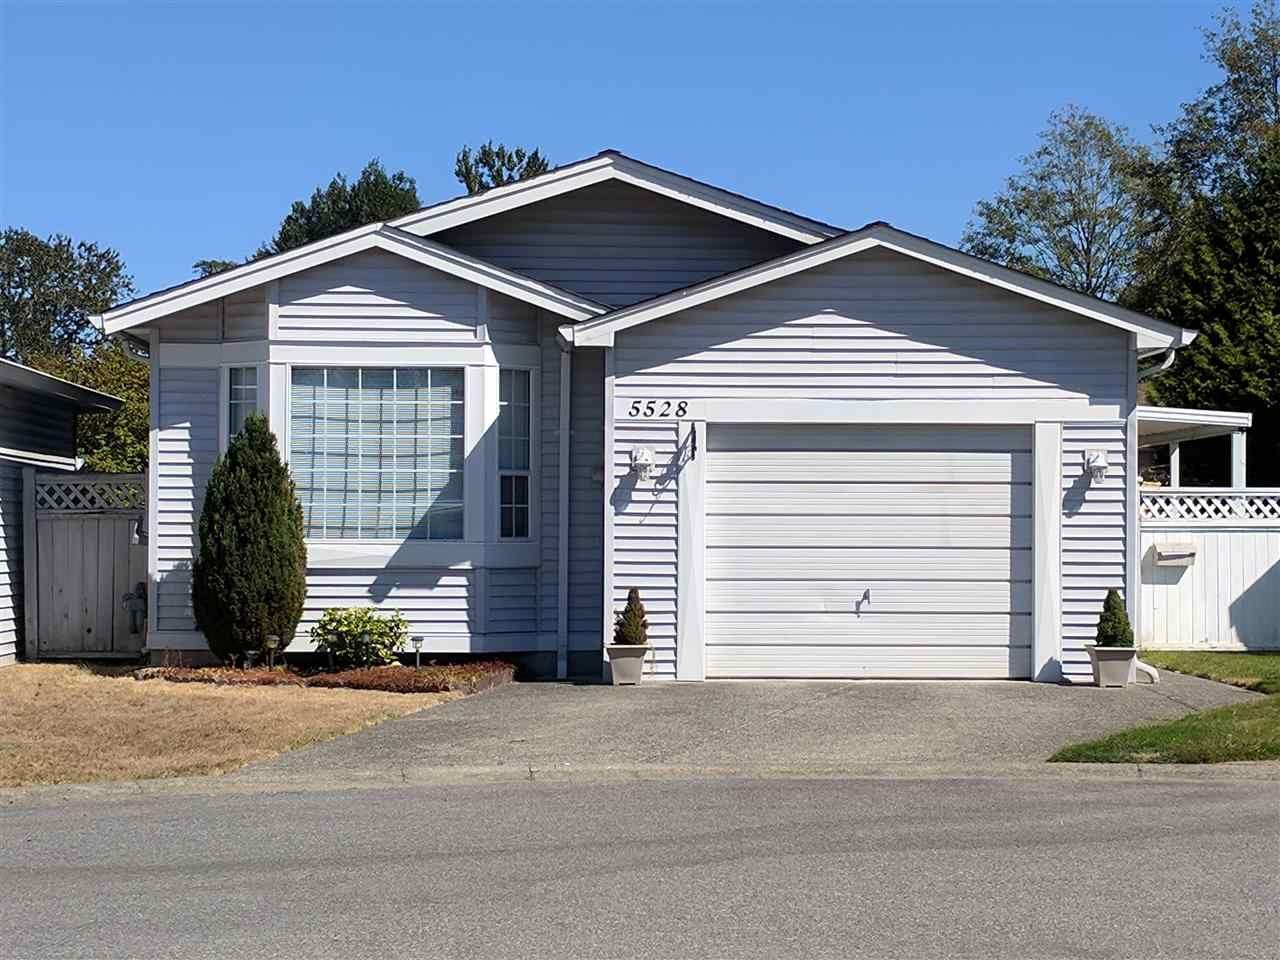 Main Photo: 5528 SPINNAKER BAY in : Neilsen Grove House for sale : MLS®# R2203224